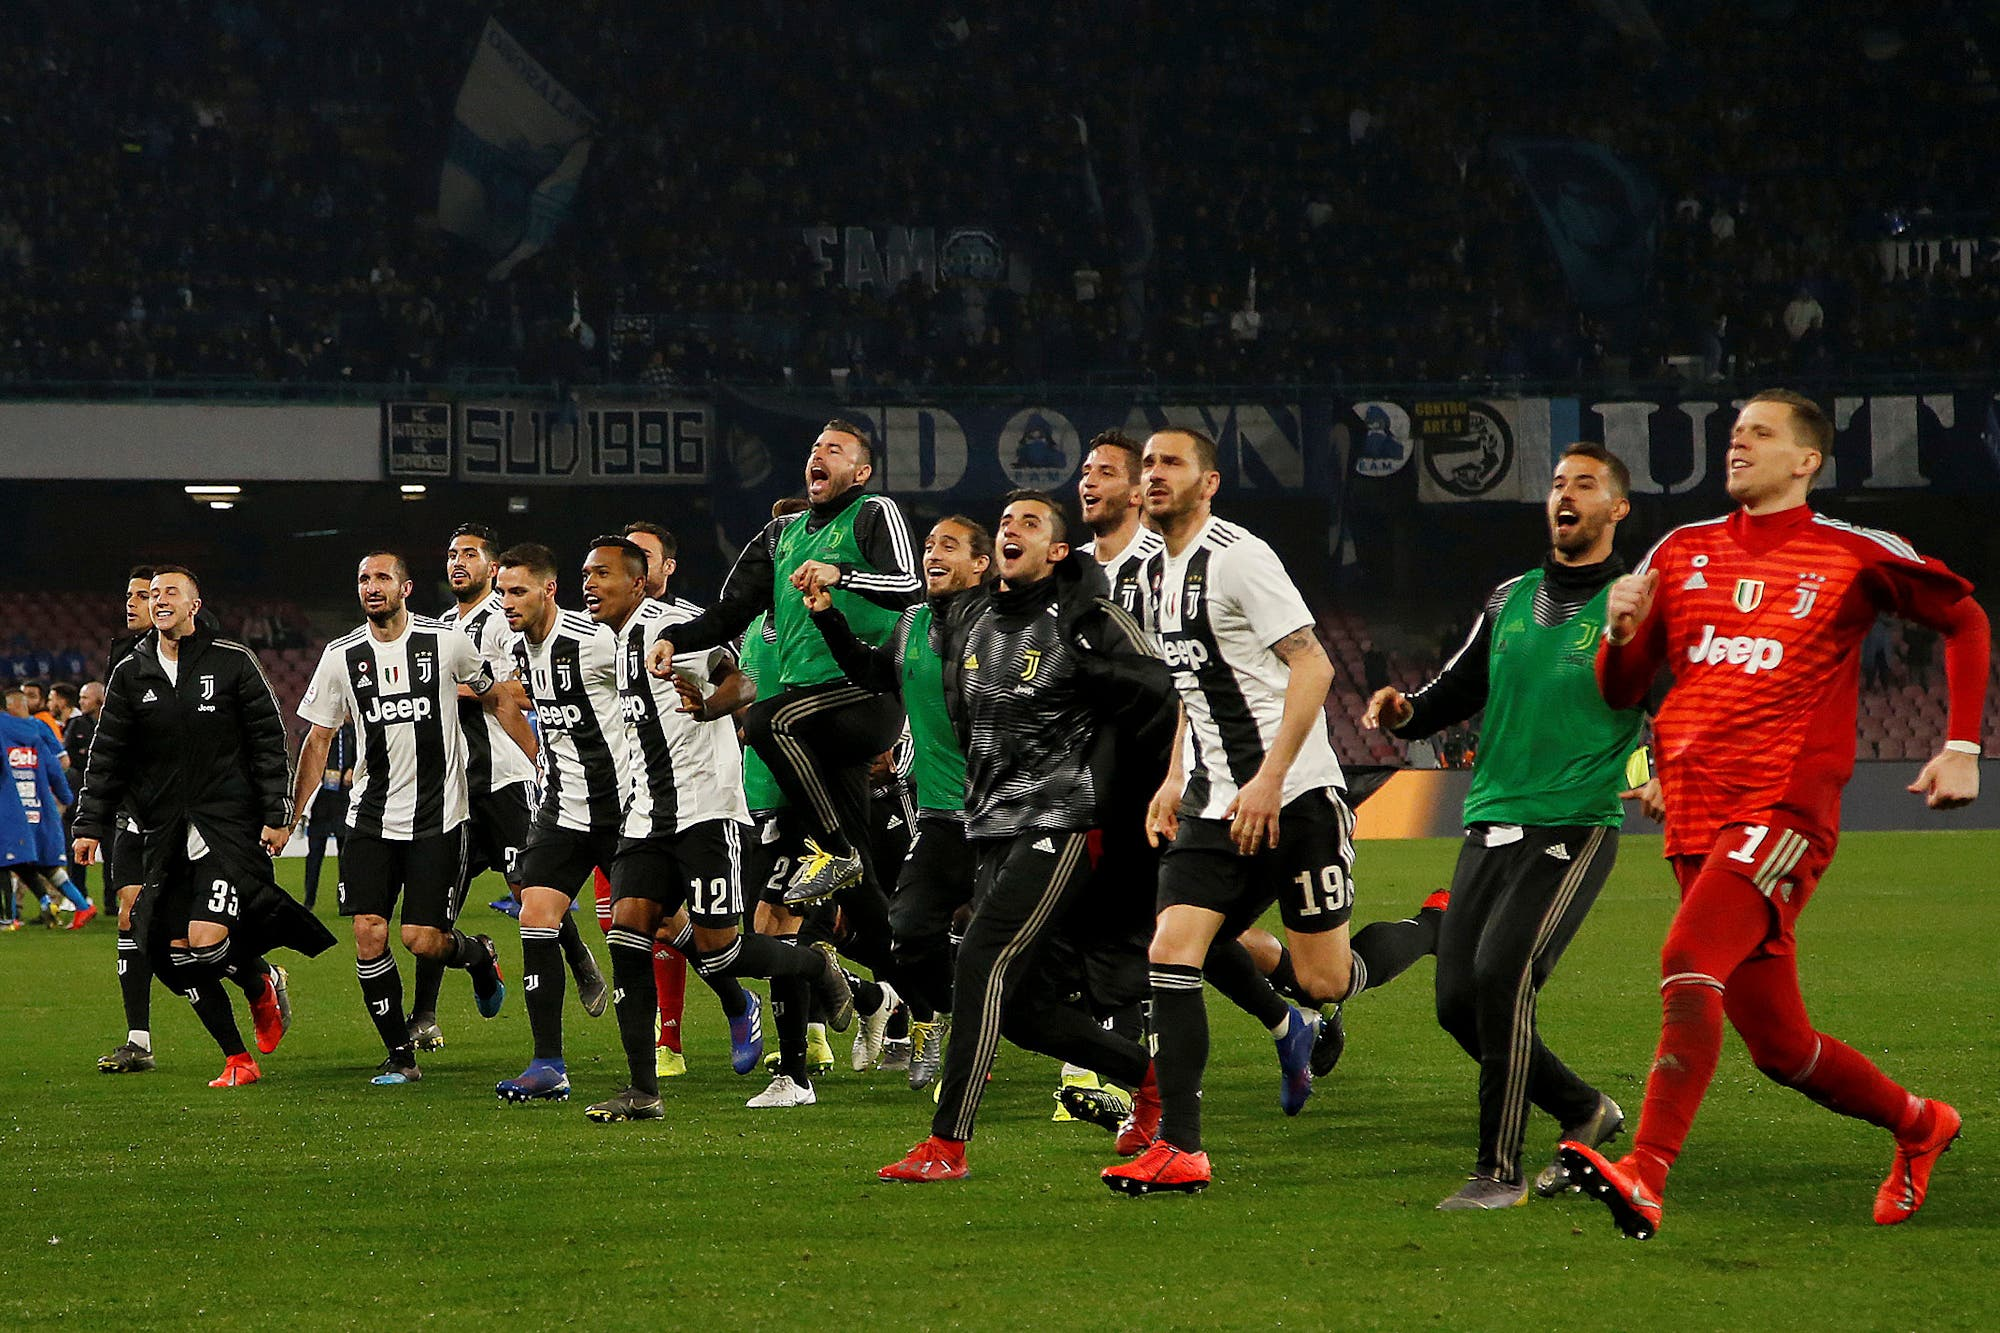 Juventus le ganó a Napoli y le sacó 16 puntos: un golazo, dos expulsiones y el polémico penal que sancionó el VAR